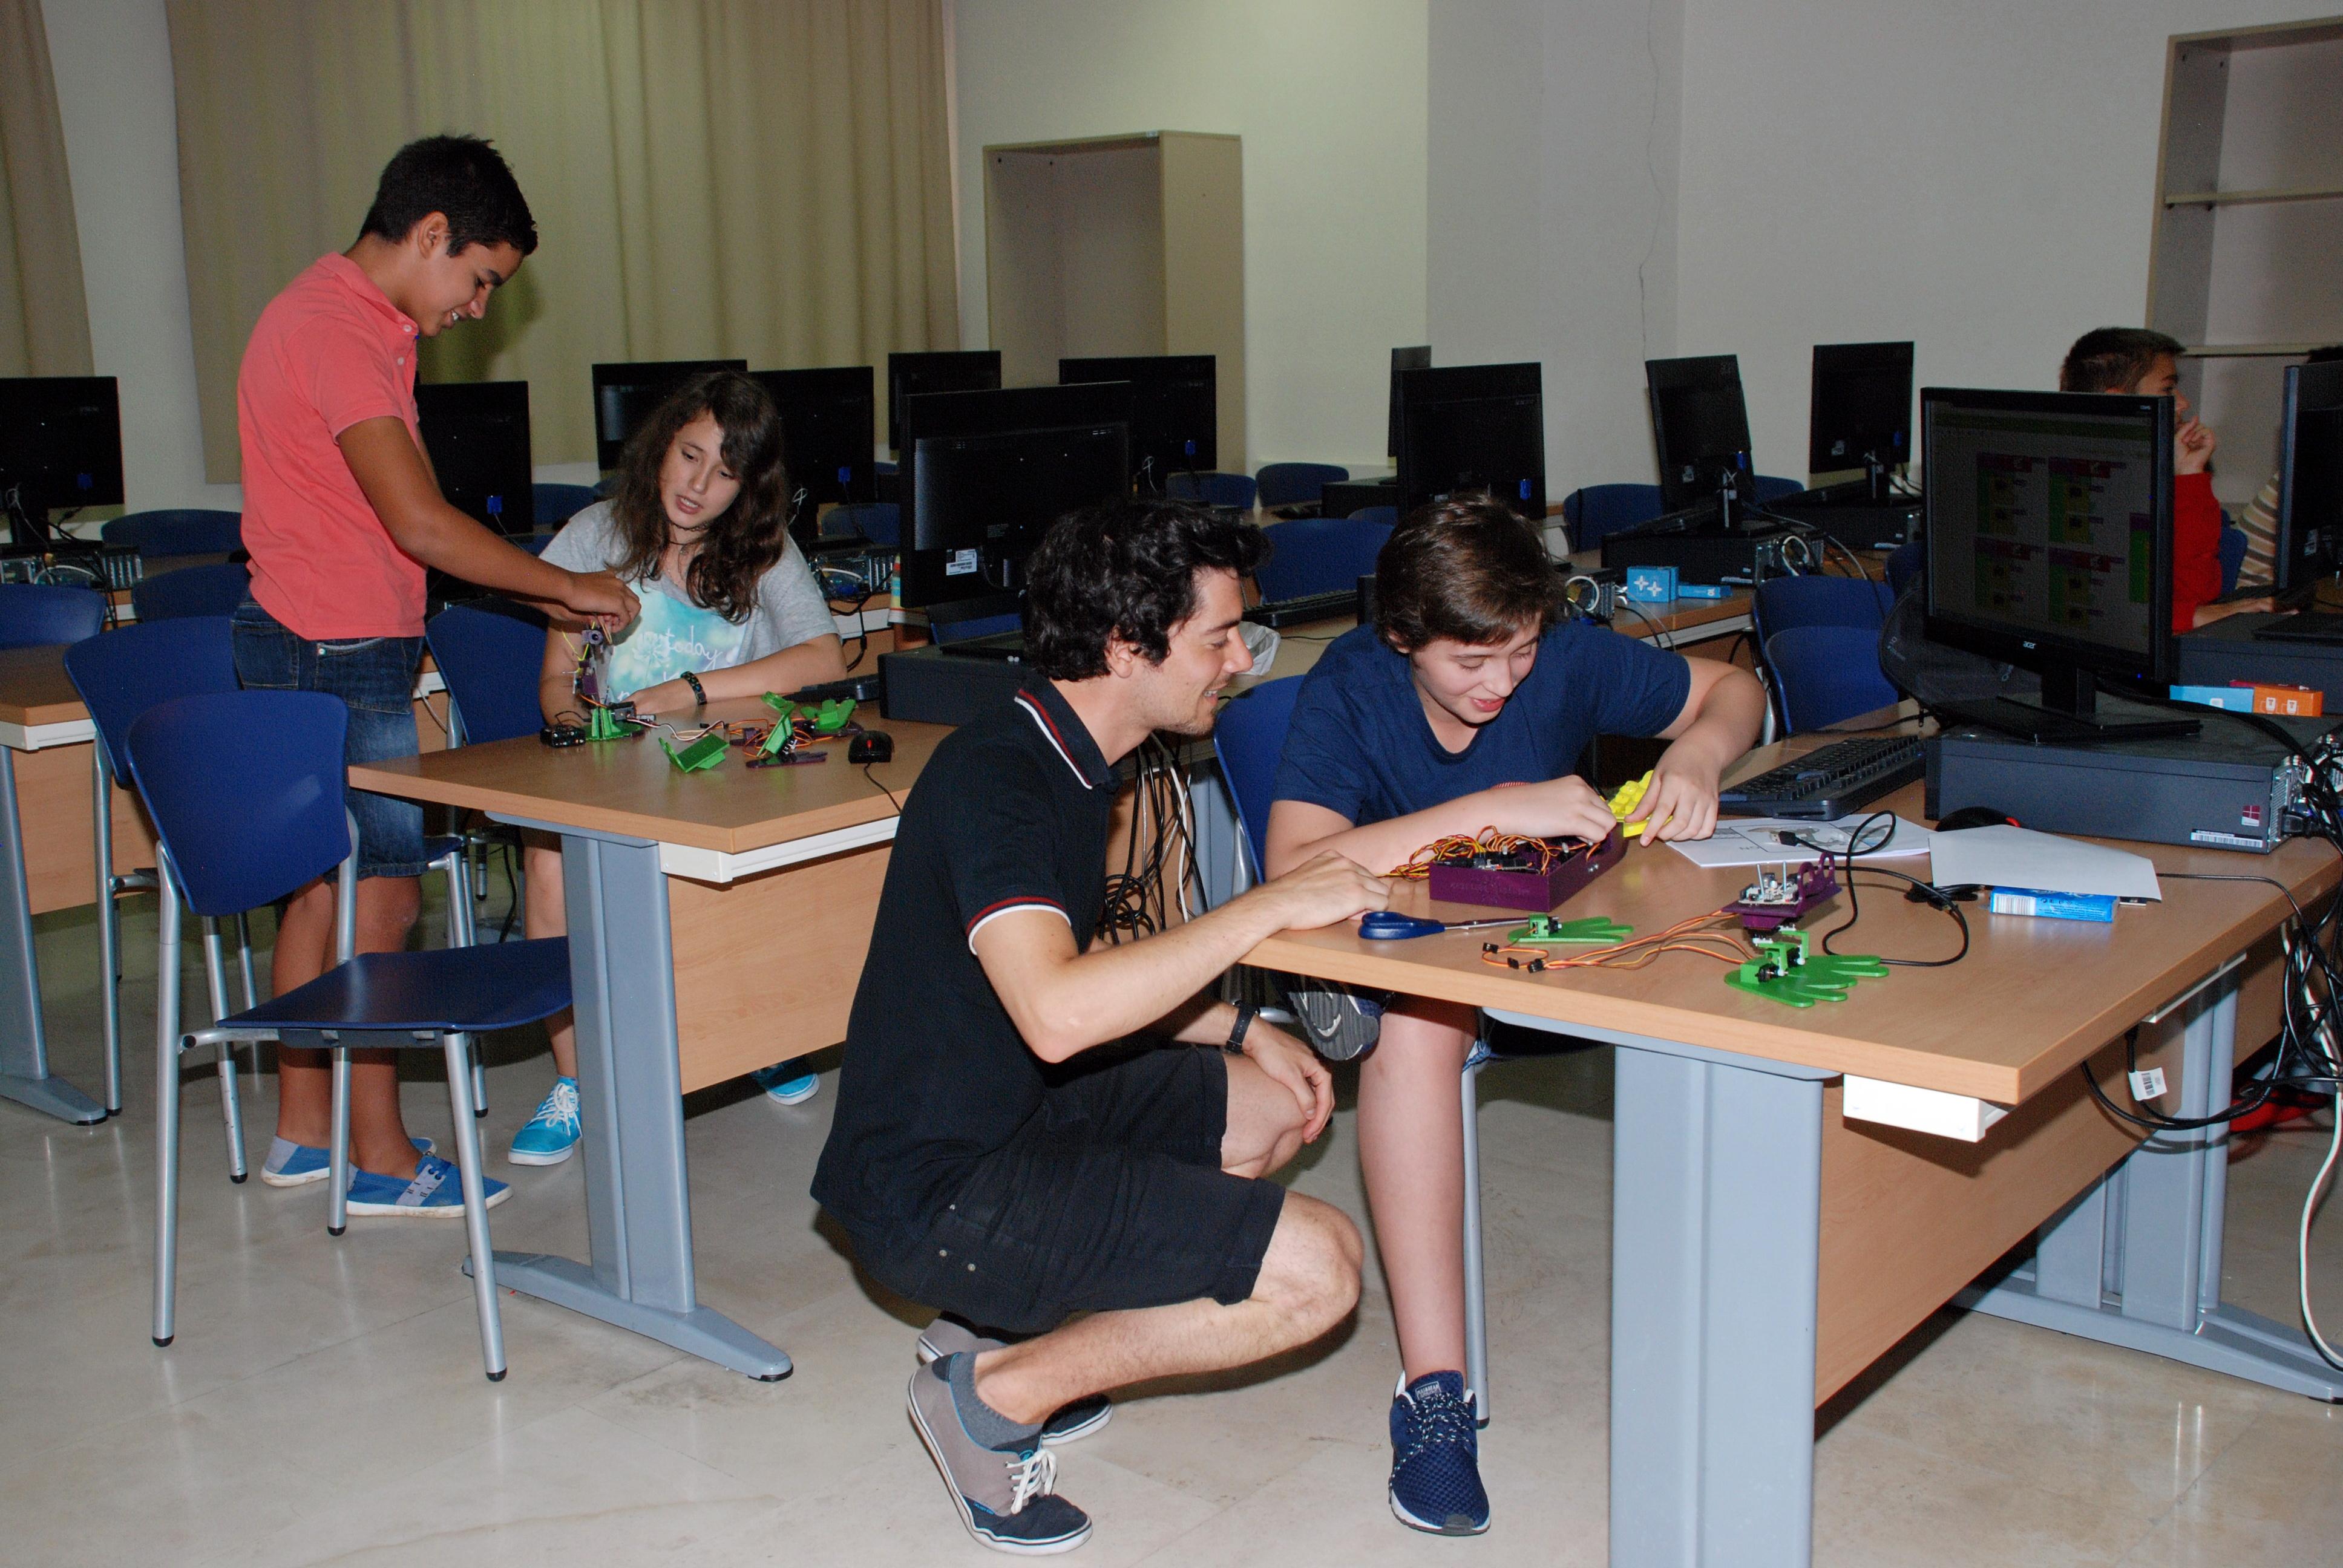 El vicerrector de Promoción y Coordinación visita el 'Robotics Summer Camp', organizado por Cursos Internacionales